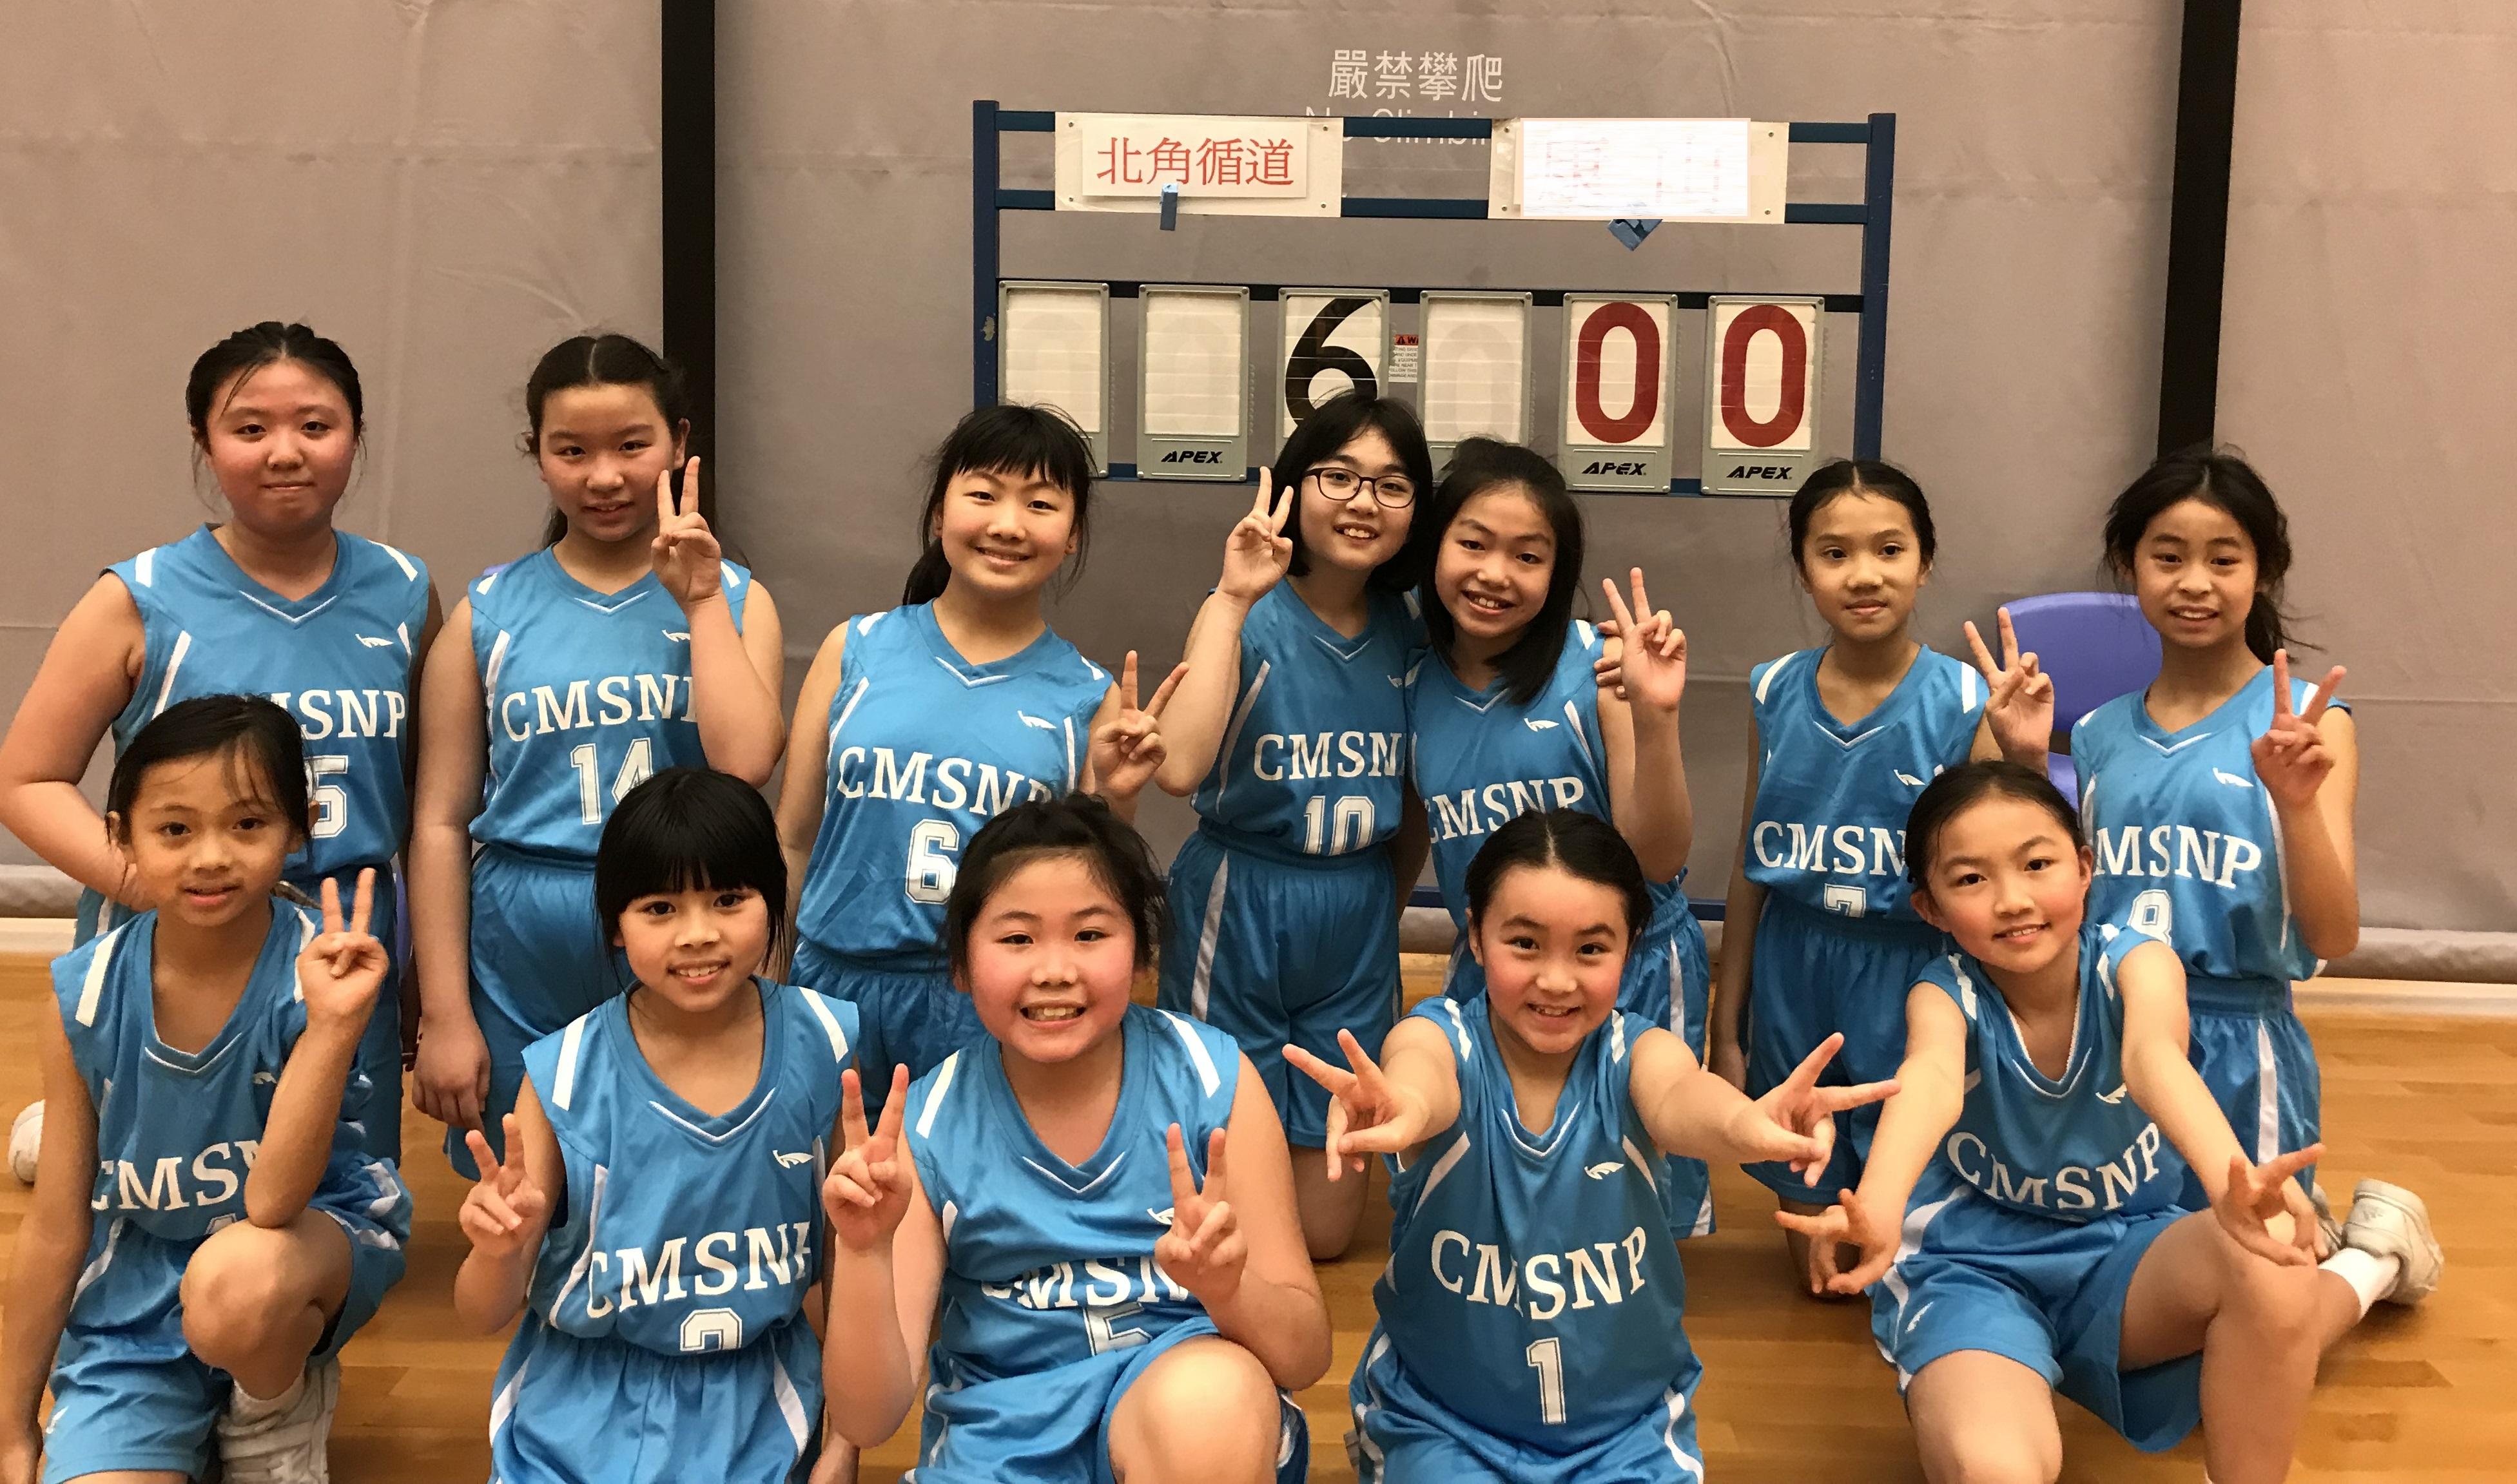 女子籃球校隊